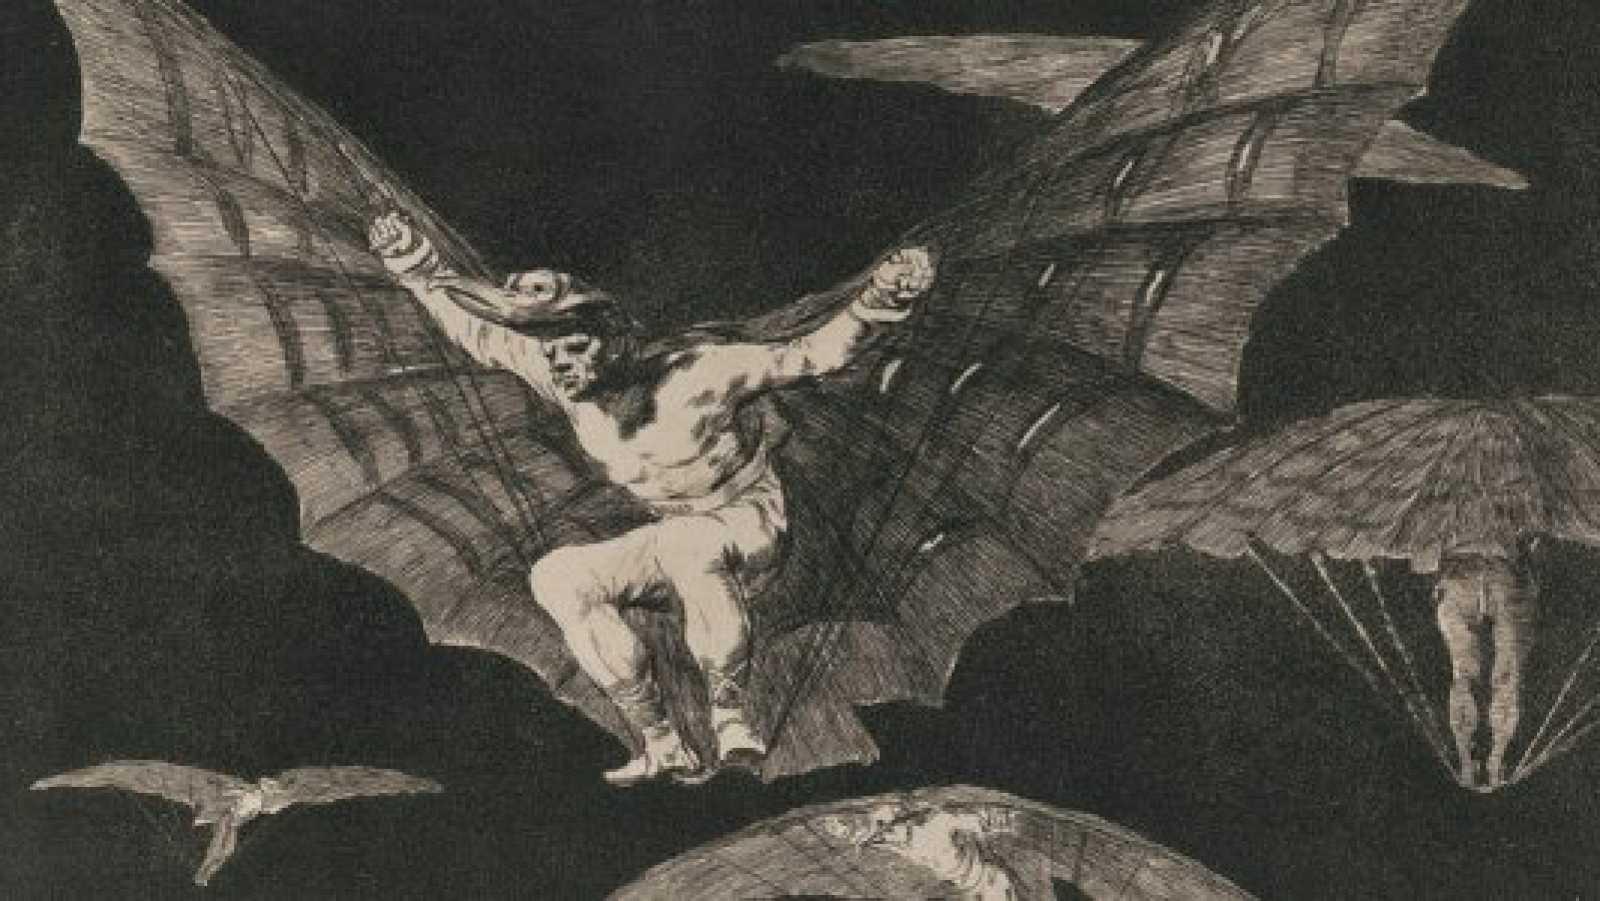 Punto de enlace - La mirada de Goya sobre la mujer, la guerra y rostro - Escuchar ahora